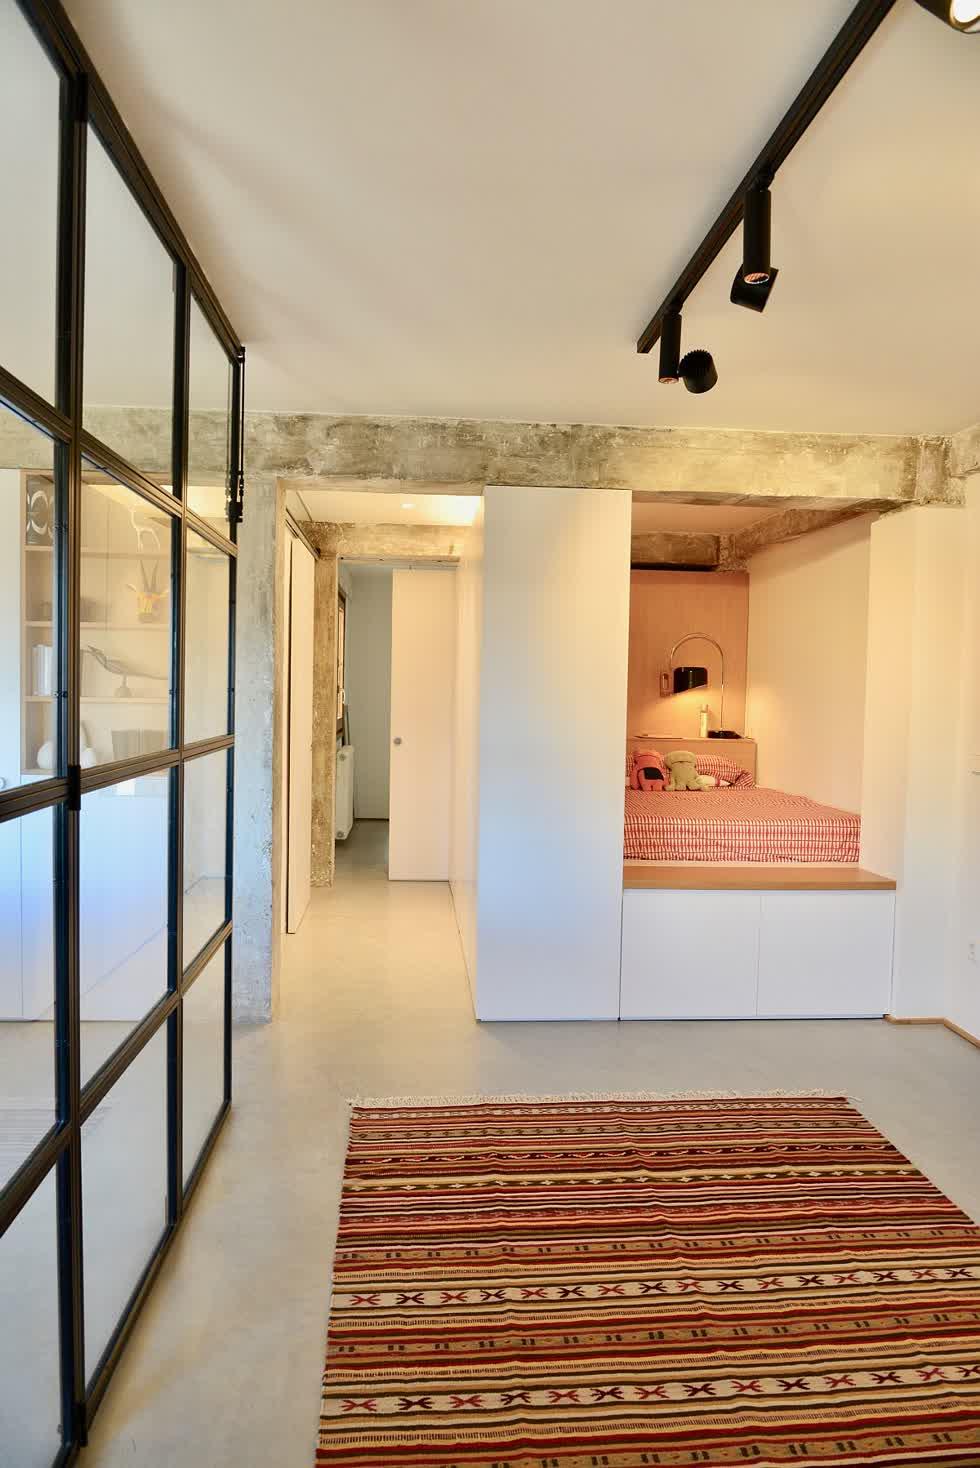 Phía trong góc nhỏ được biến thành một phòng ngủ ấm cúng.